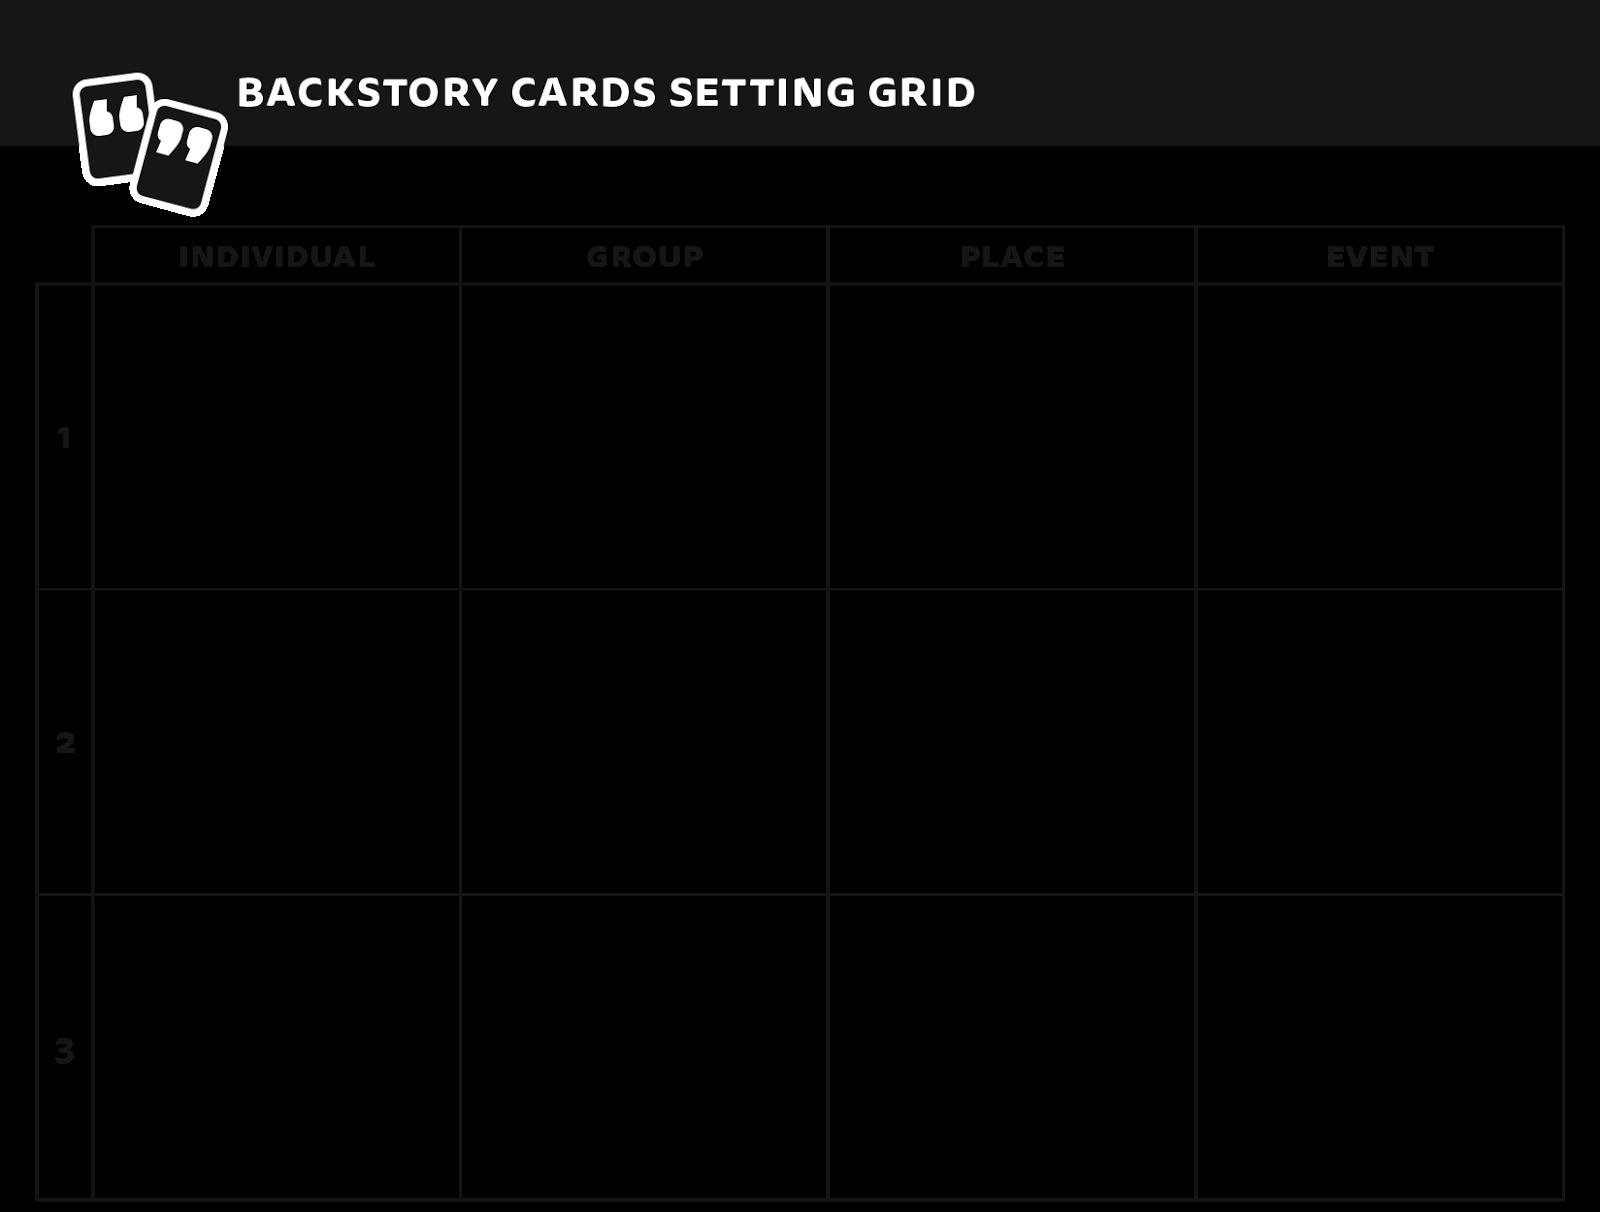 Setting grid